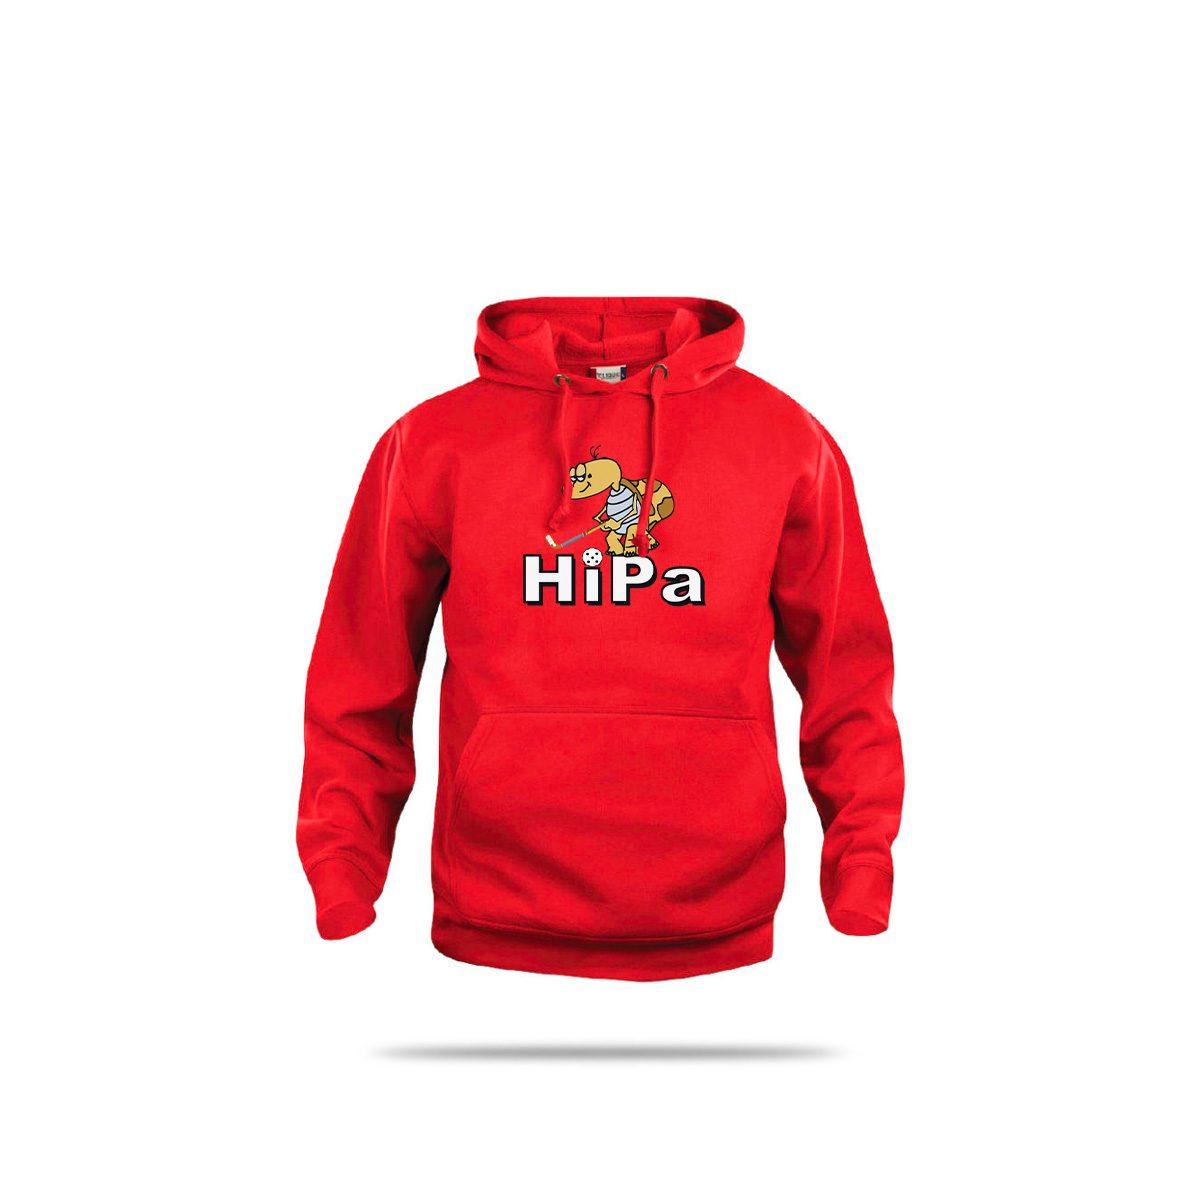 Hipa-3026